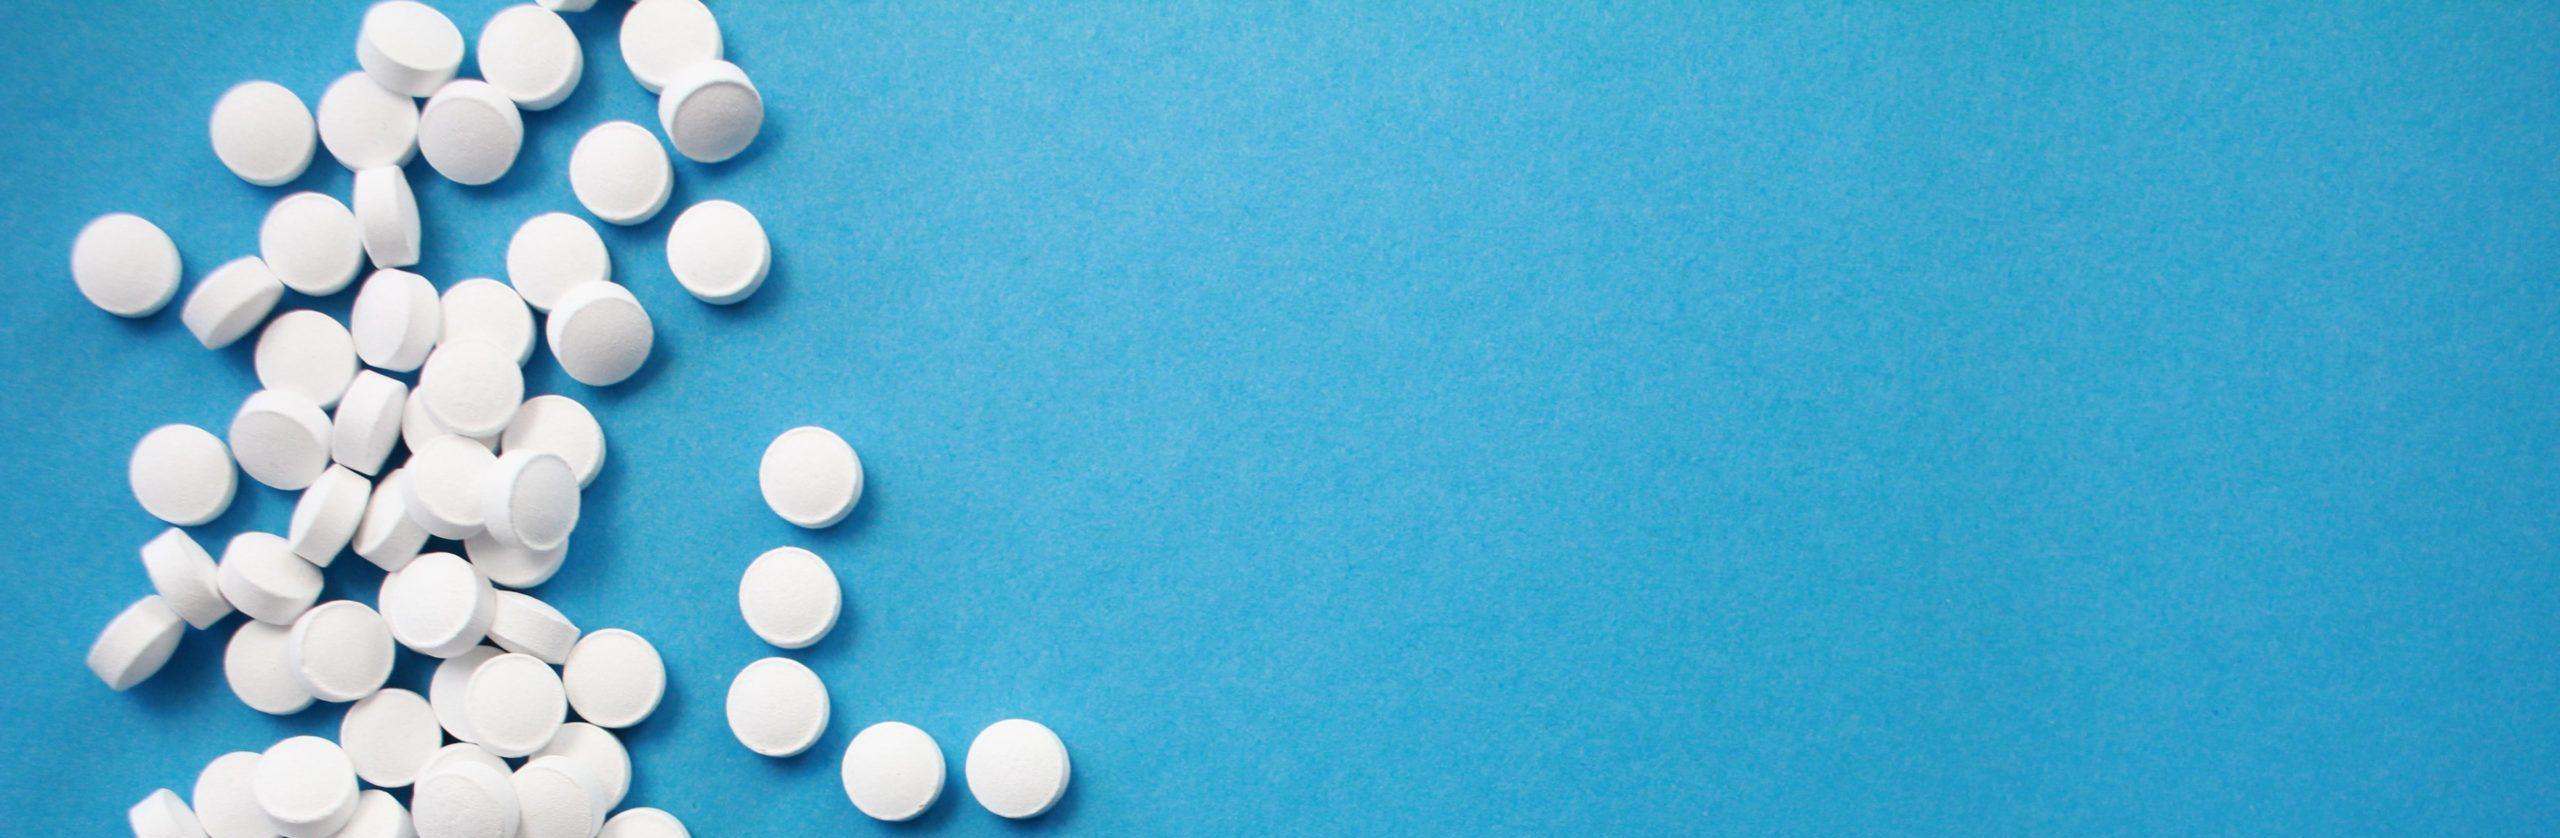 Co obniża skuteczność tabletek antykoncepcyjnych